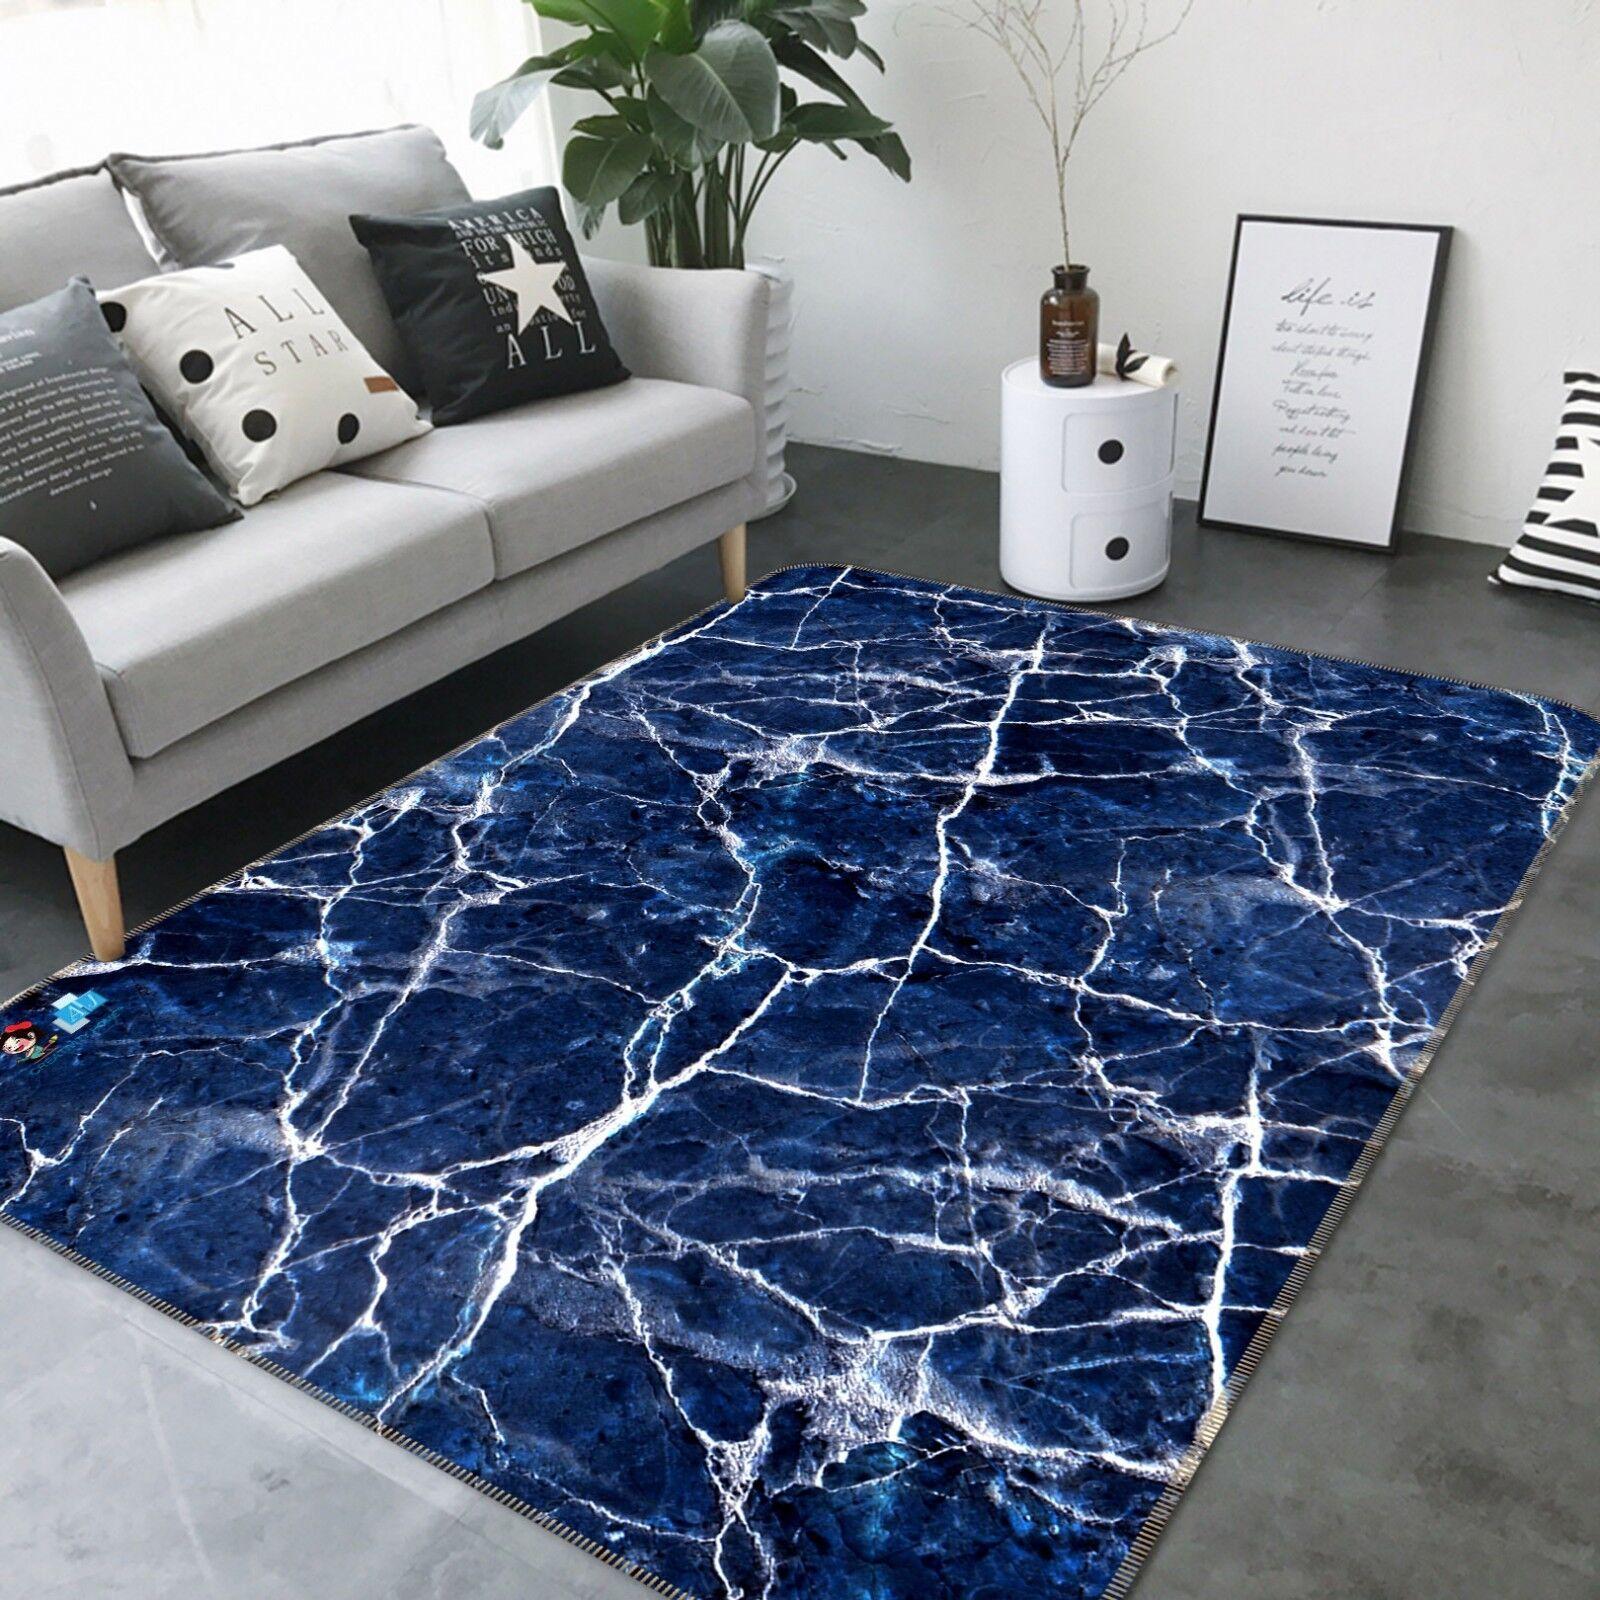 3D blancoo alfombra antideslizante de Flash Figura 8 mat alfombra elegante alfombra de sala DE